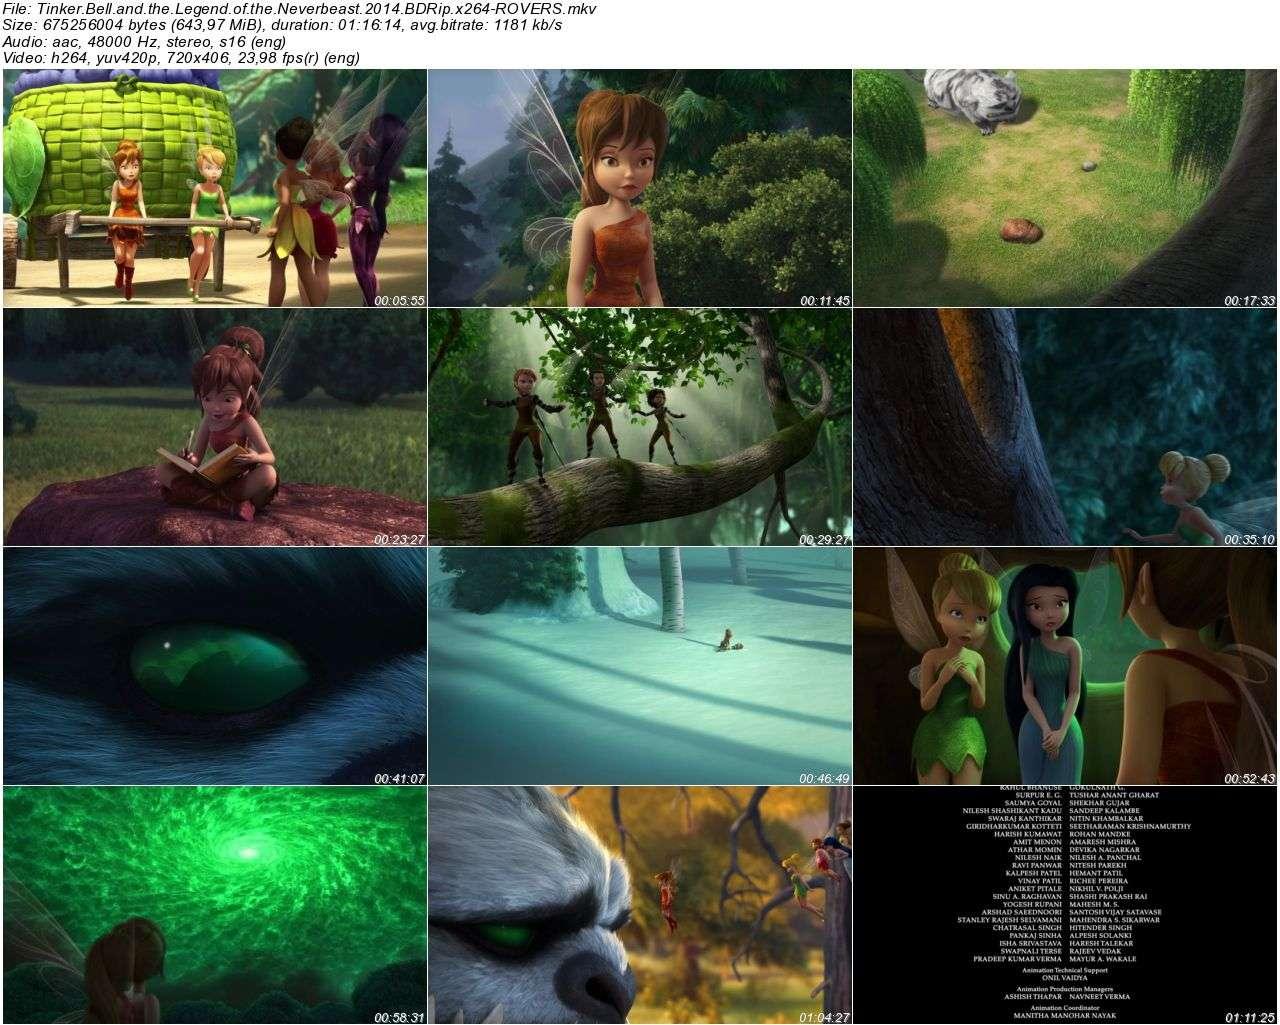 Tinker Bell ve Canavar Efsanesi - 2014 DVDRip XviD - Türkçe Altyazılı Tek Link indir